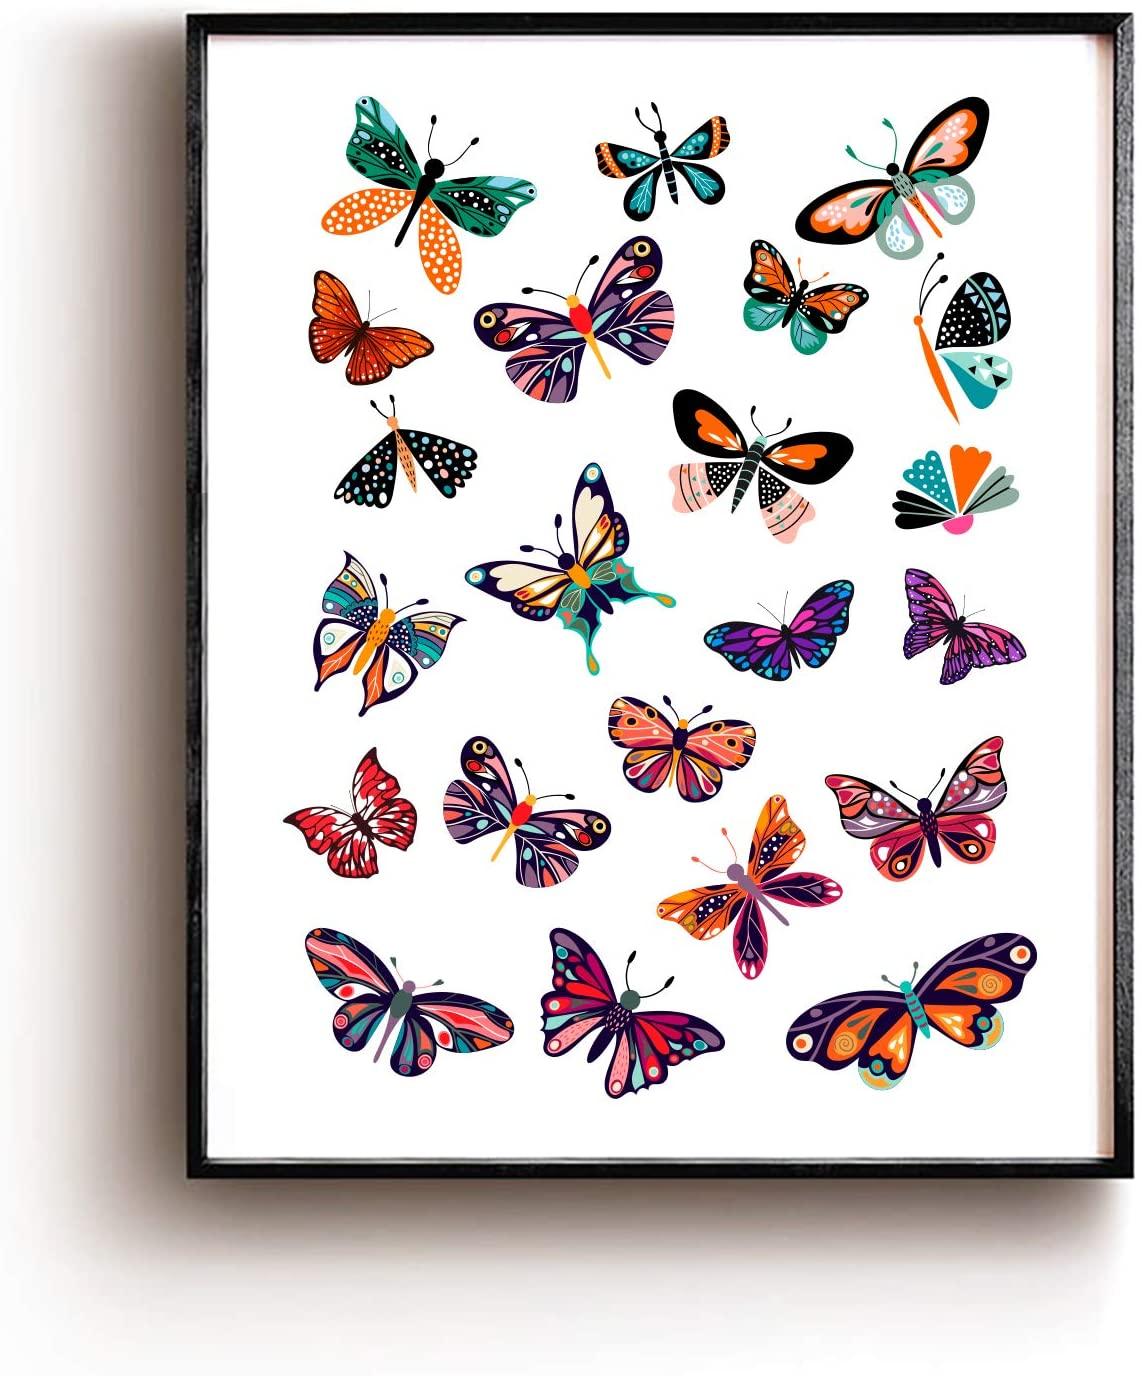 ForbiddenPaper Cute Butterfly Theme Art Print Poster Decor | Gifts for Girls/Women/Men/Friends Best Office/Home/Classroom Decor Gifts 8x10 Unframed